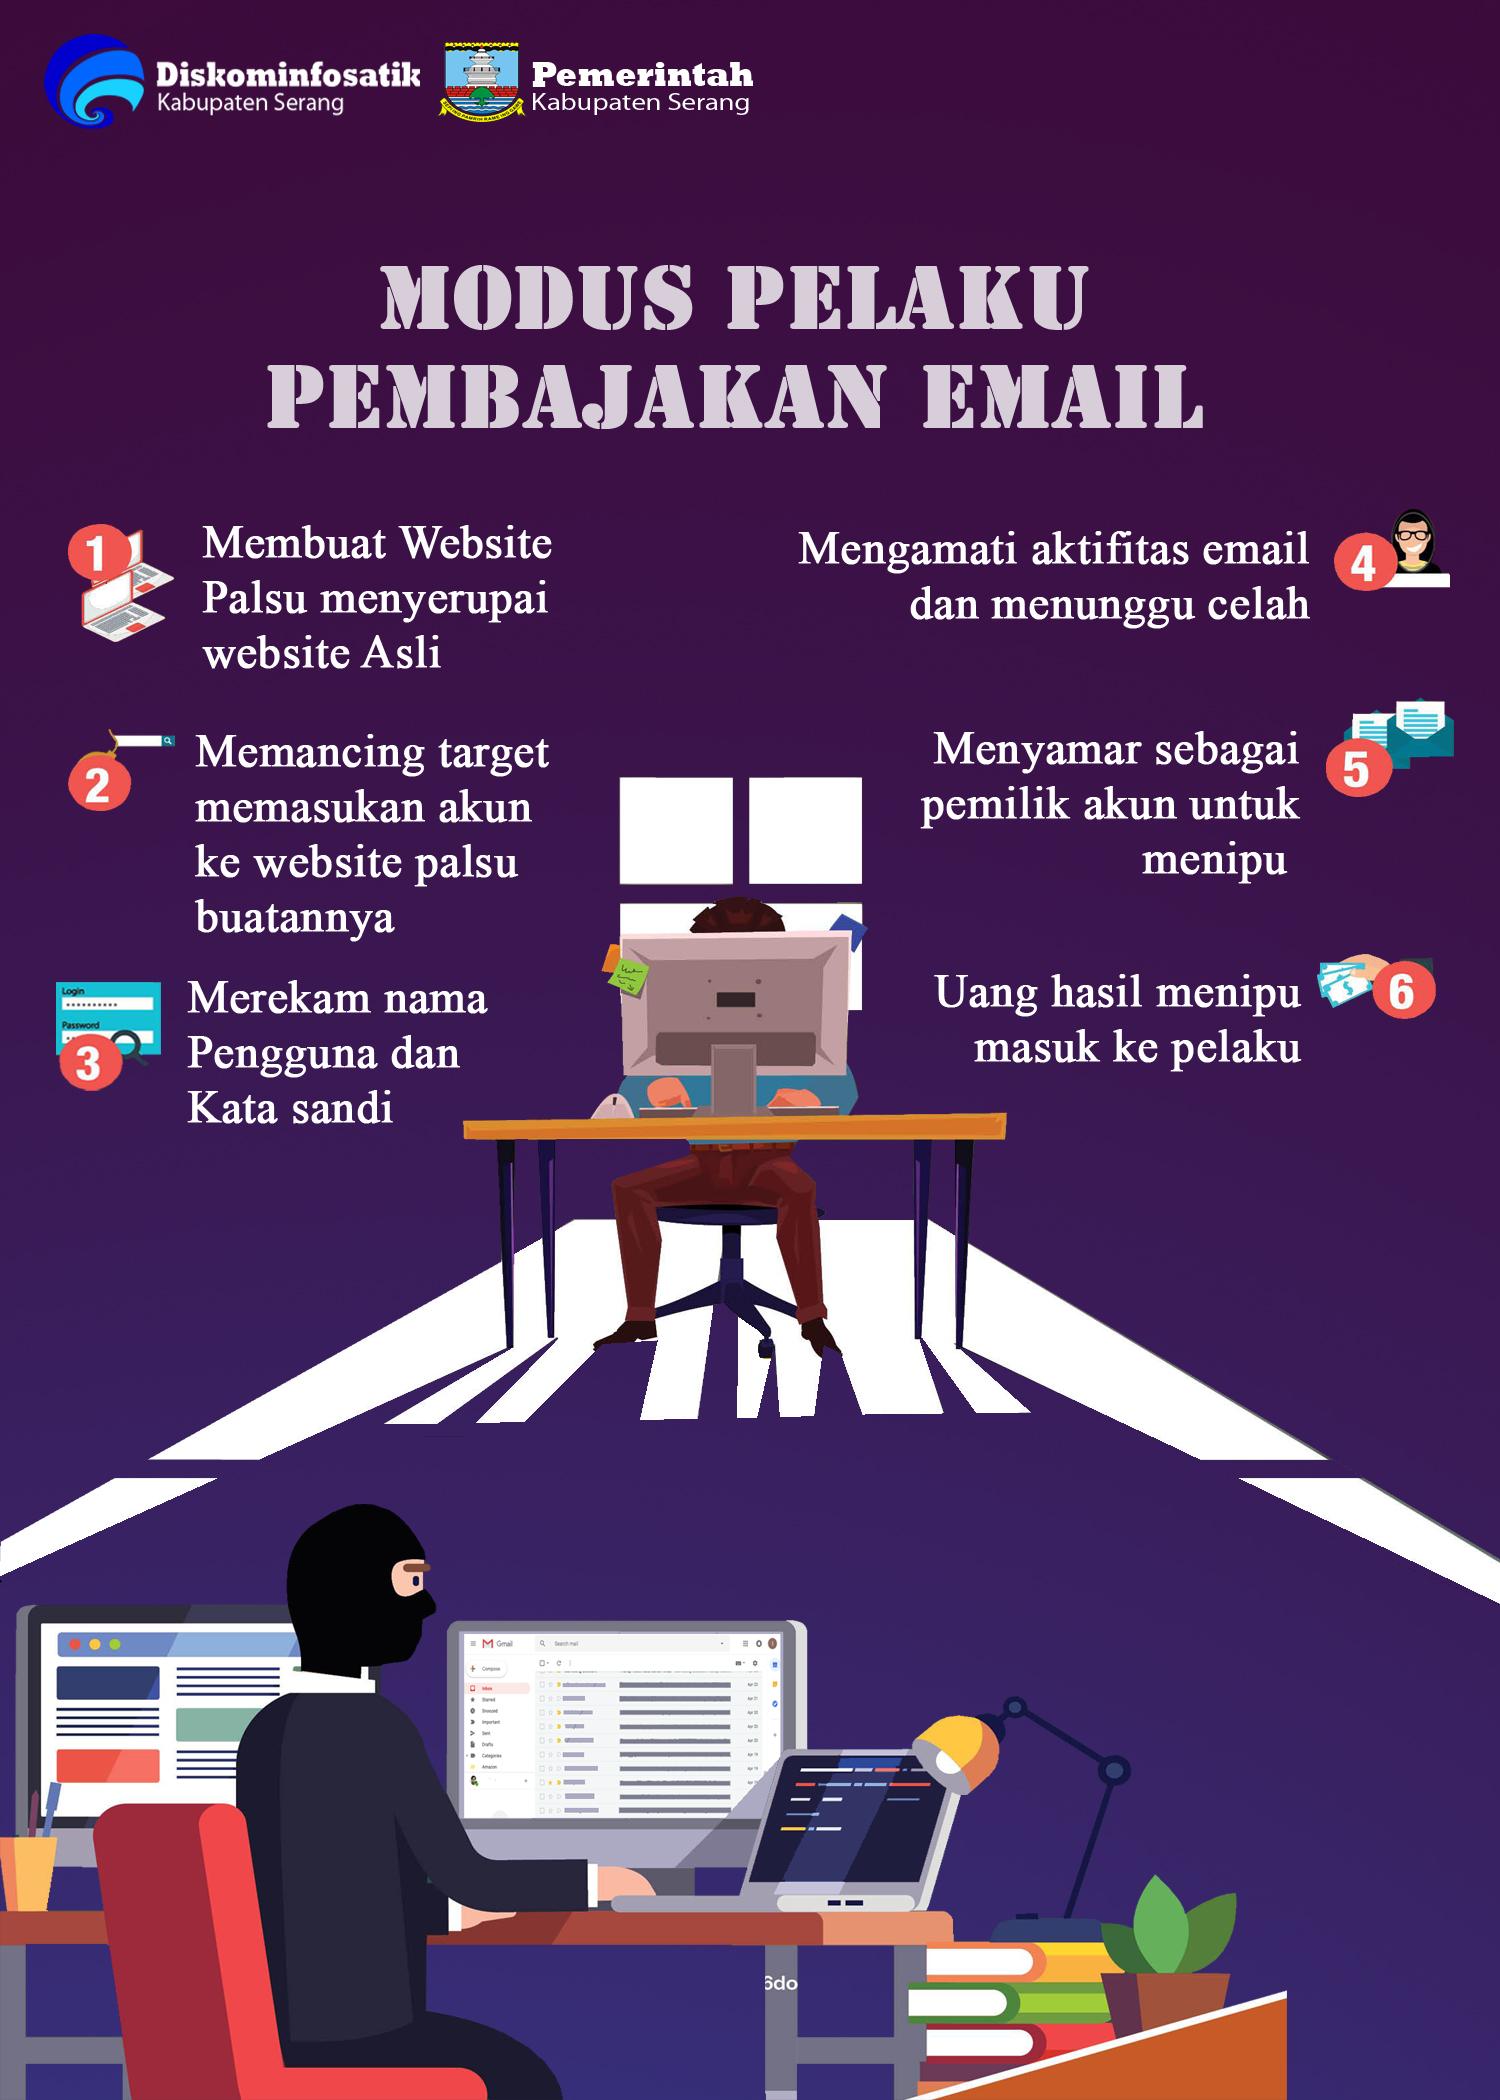 kenali-modus-pelaku-pembajakan-email